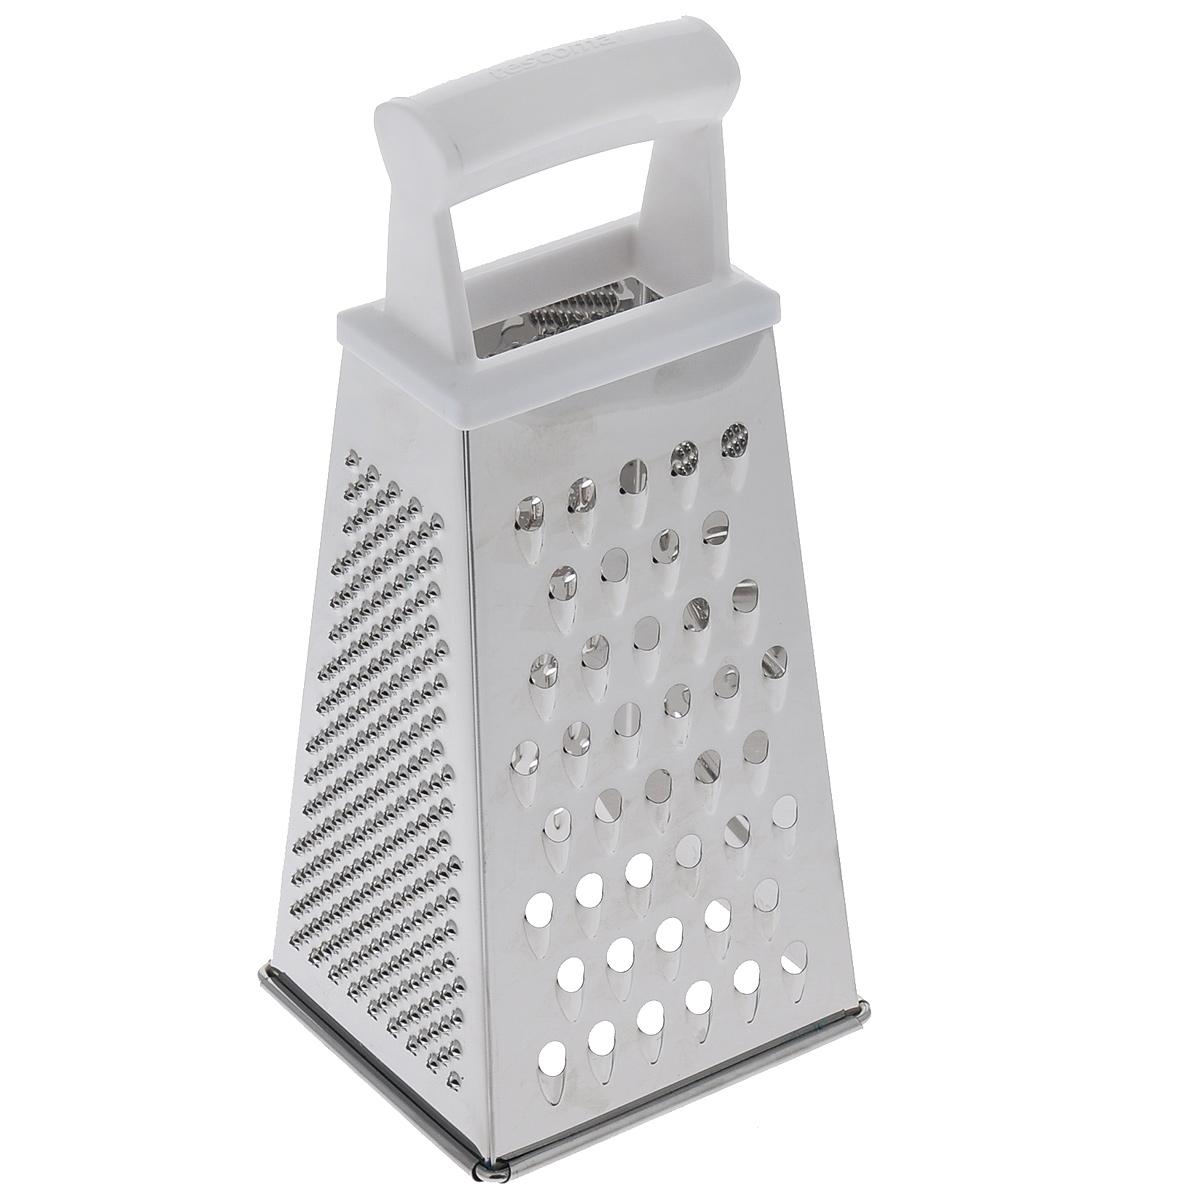 Терка четырехгранная Tescoma Handy, цвет: белый, высота 22 см643780Четырехгранная терка Tescoma Handy, выполненная из высококачественной нержавеющей стали с зеркальной полировкой, станет незаменимым атрибутом приготовления пищи. Сверху на терке находится удобная пластиковая ручка. На одном изделие представлены четыре вида терок - крупная, мелкая, фигурная и нарезка ломтиками. Современный стильный дизайн позволит терке занять достойное место на вашей кухне. Можно мыть в посудомоечной машине.